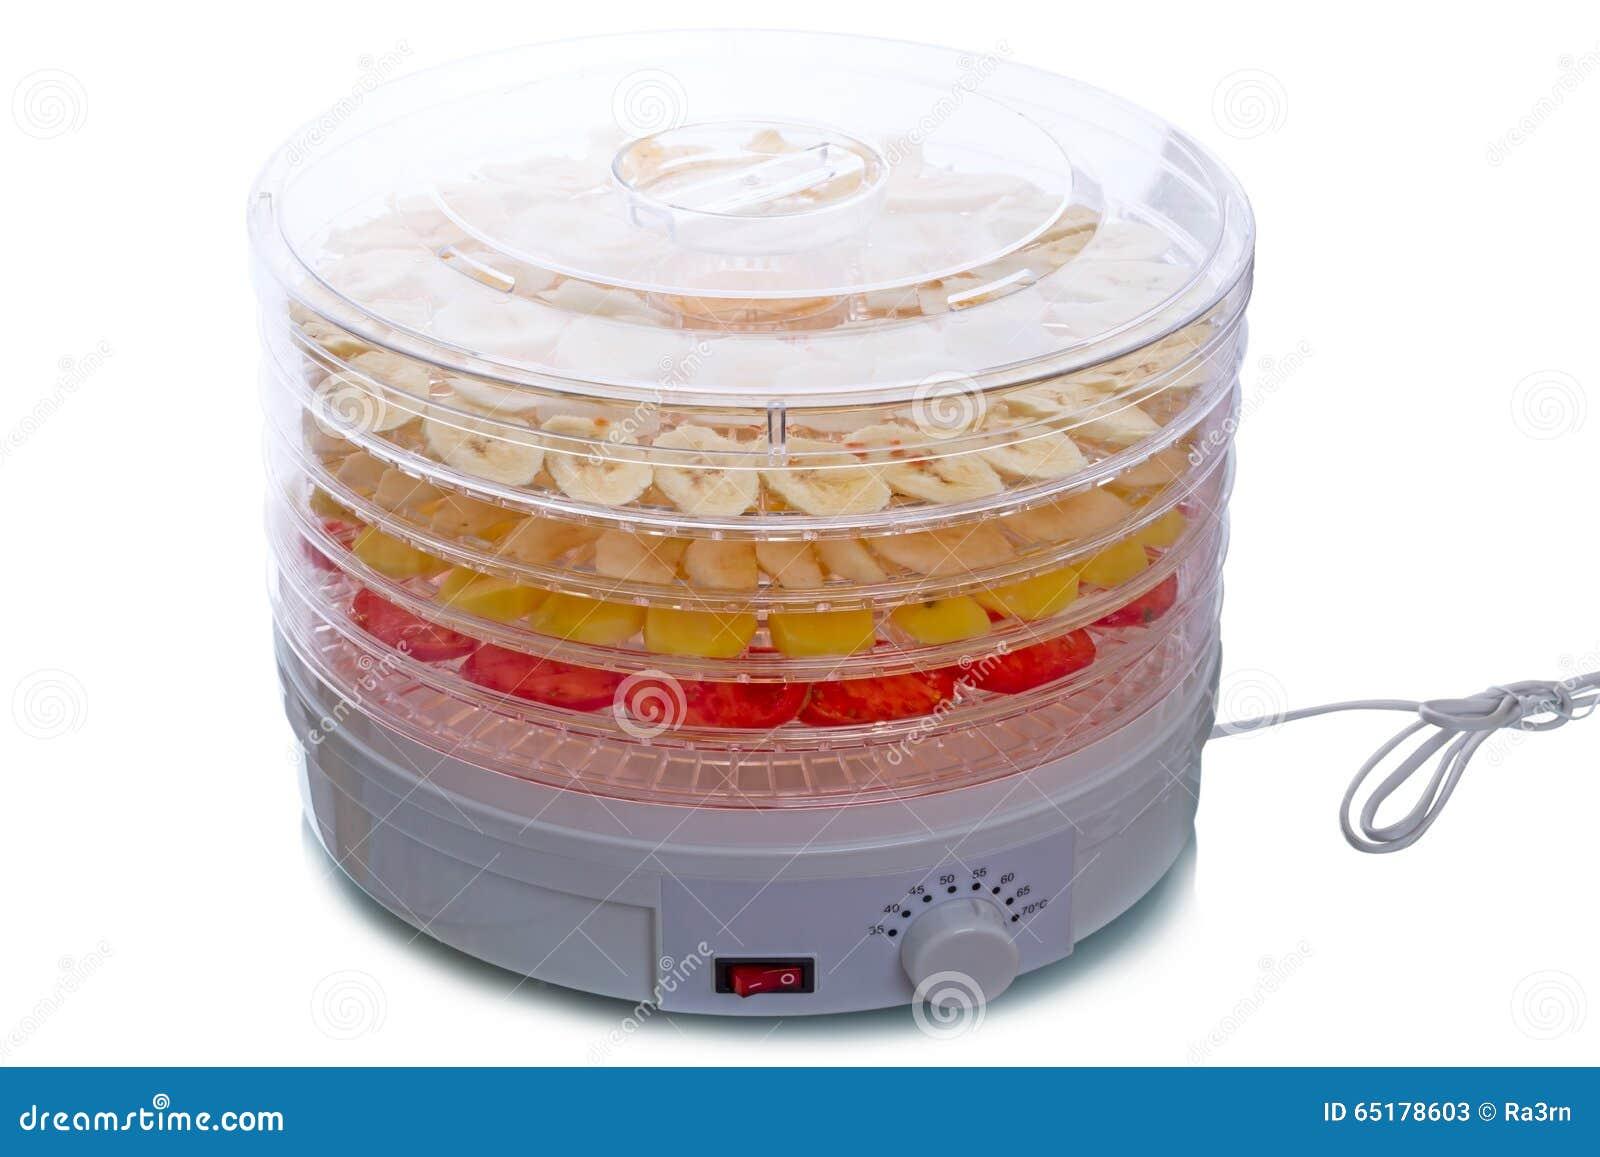 Trockner für obst und gemüse stockbild bild von elektrisch